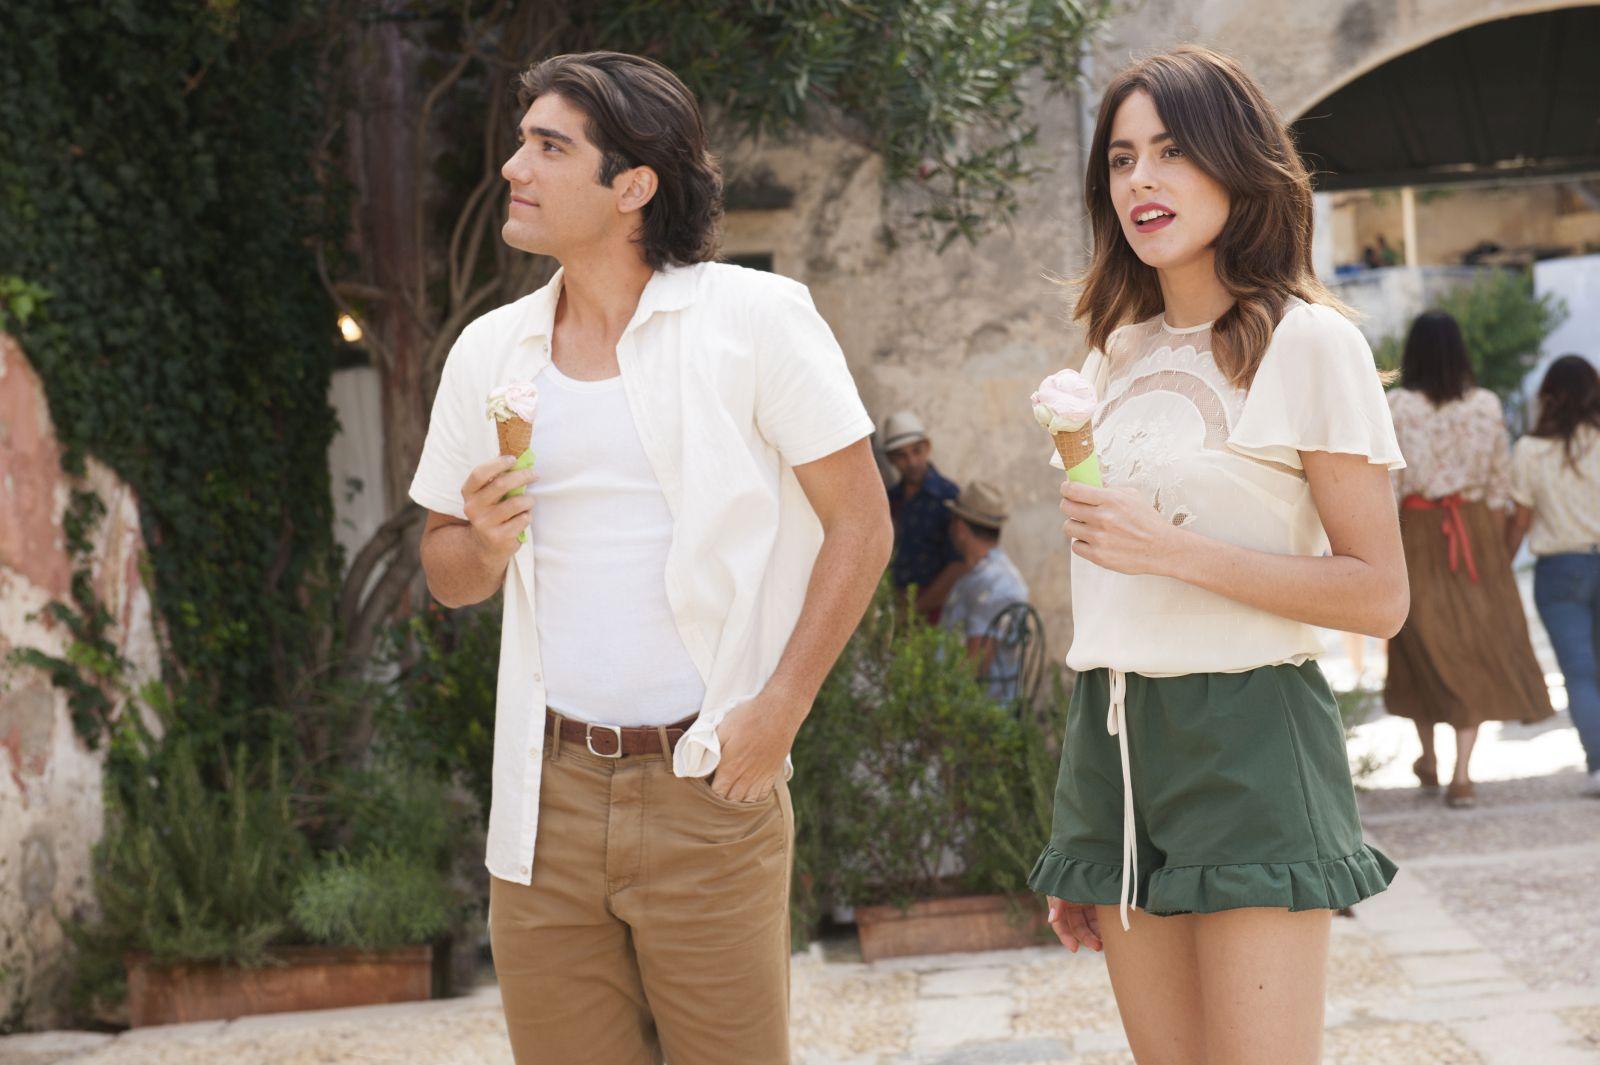 Tini - La nuova vita di Violetta: Martina Stoessel e Jorge Blanco in una scena del film